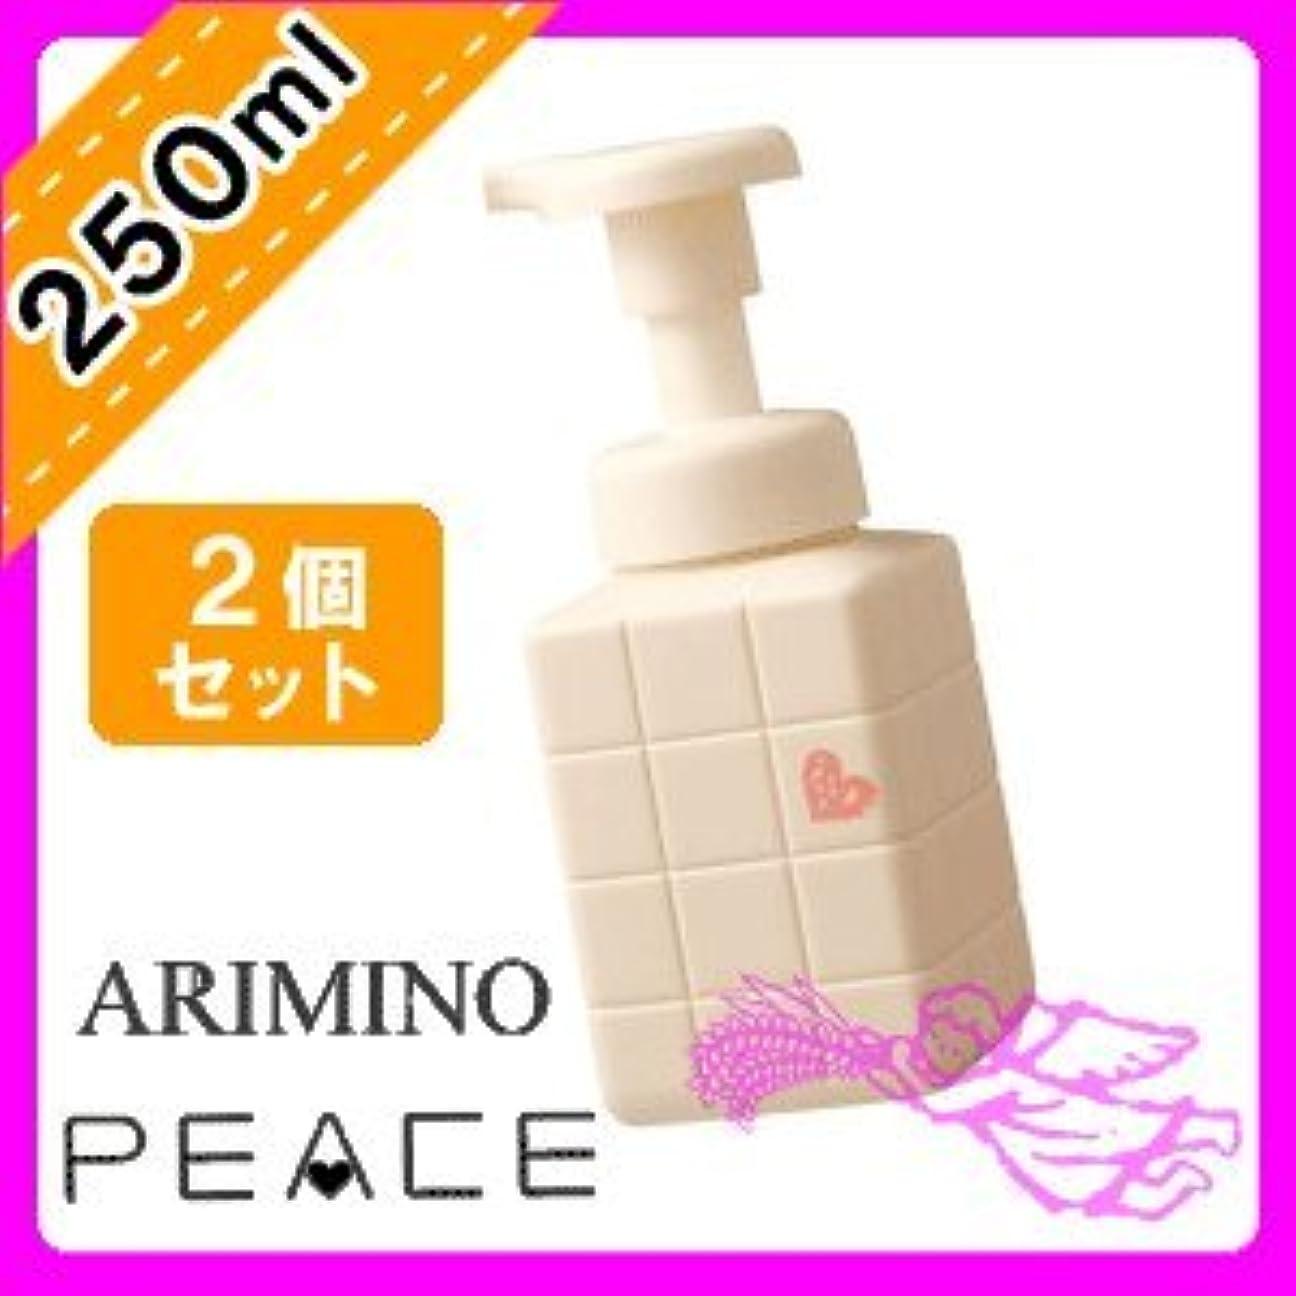 保証するランク光沢のあるアリミノ ピース ホイップワックス PEACE ナチュラルウェーブ ホイップ250mL ×2個 セット arimino PEACE